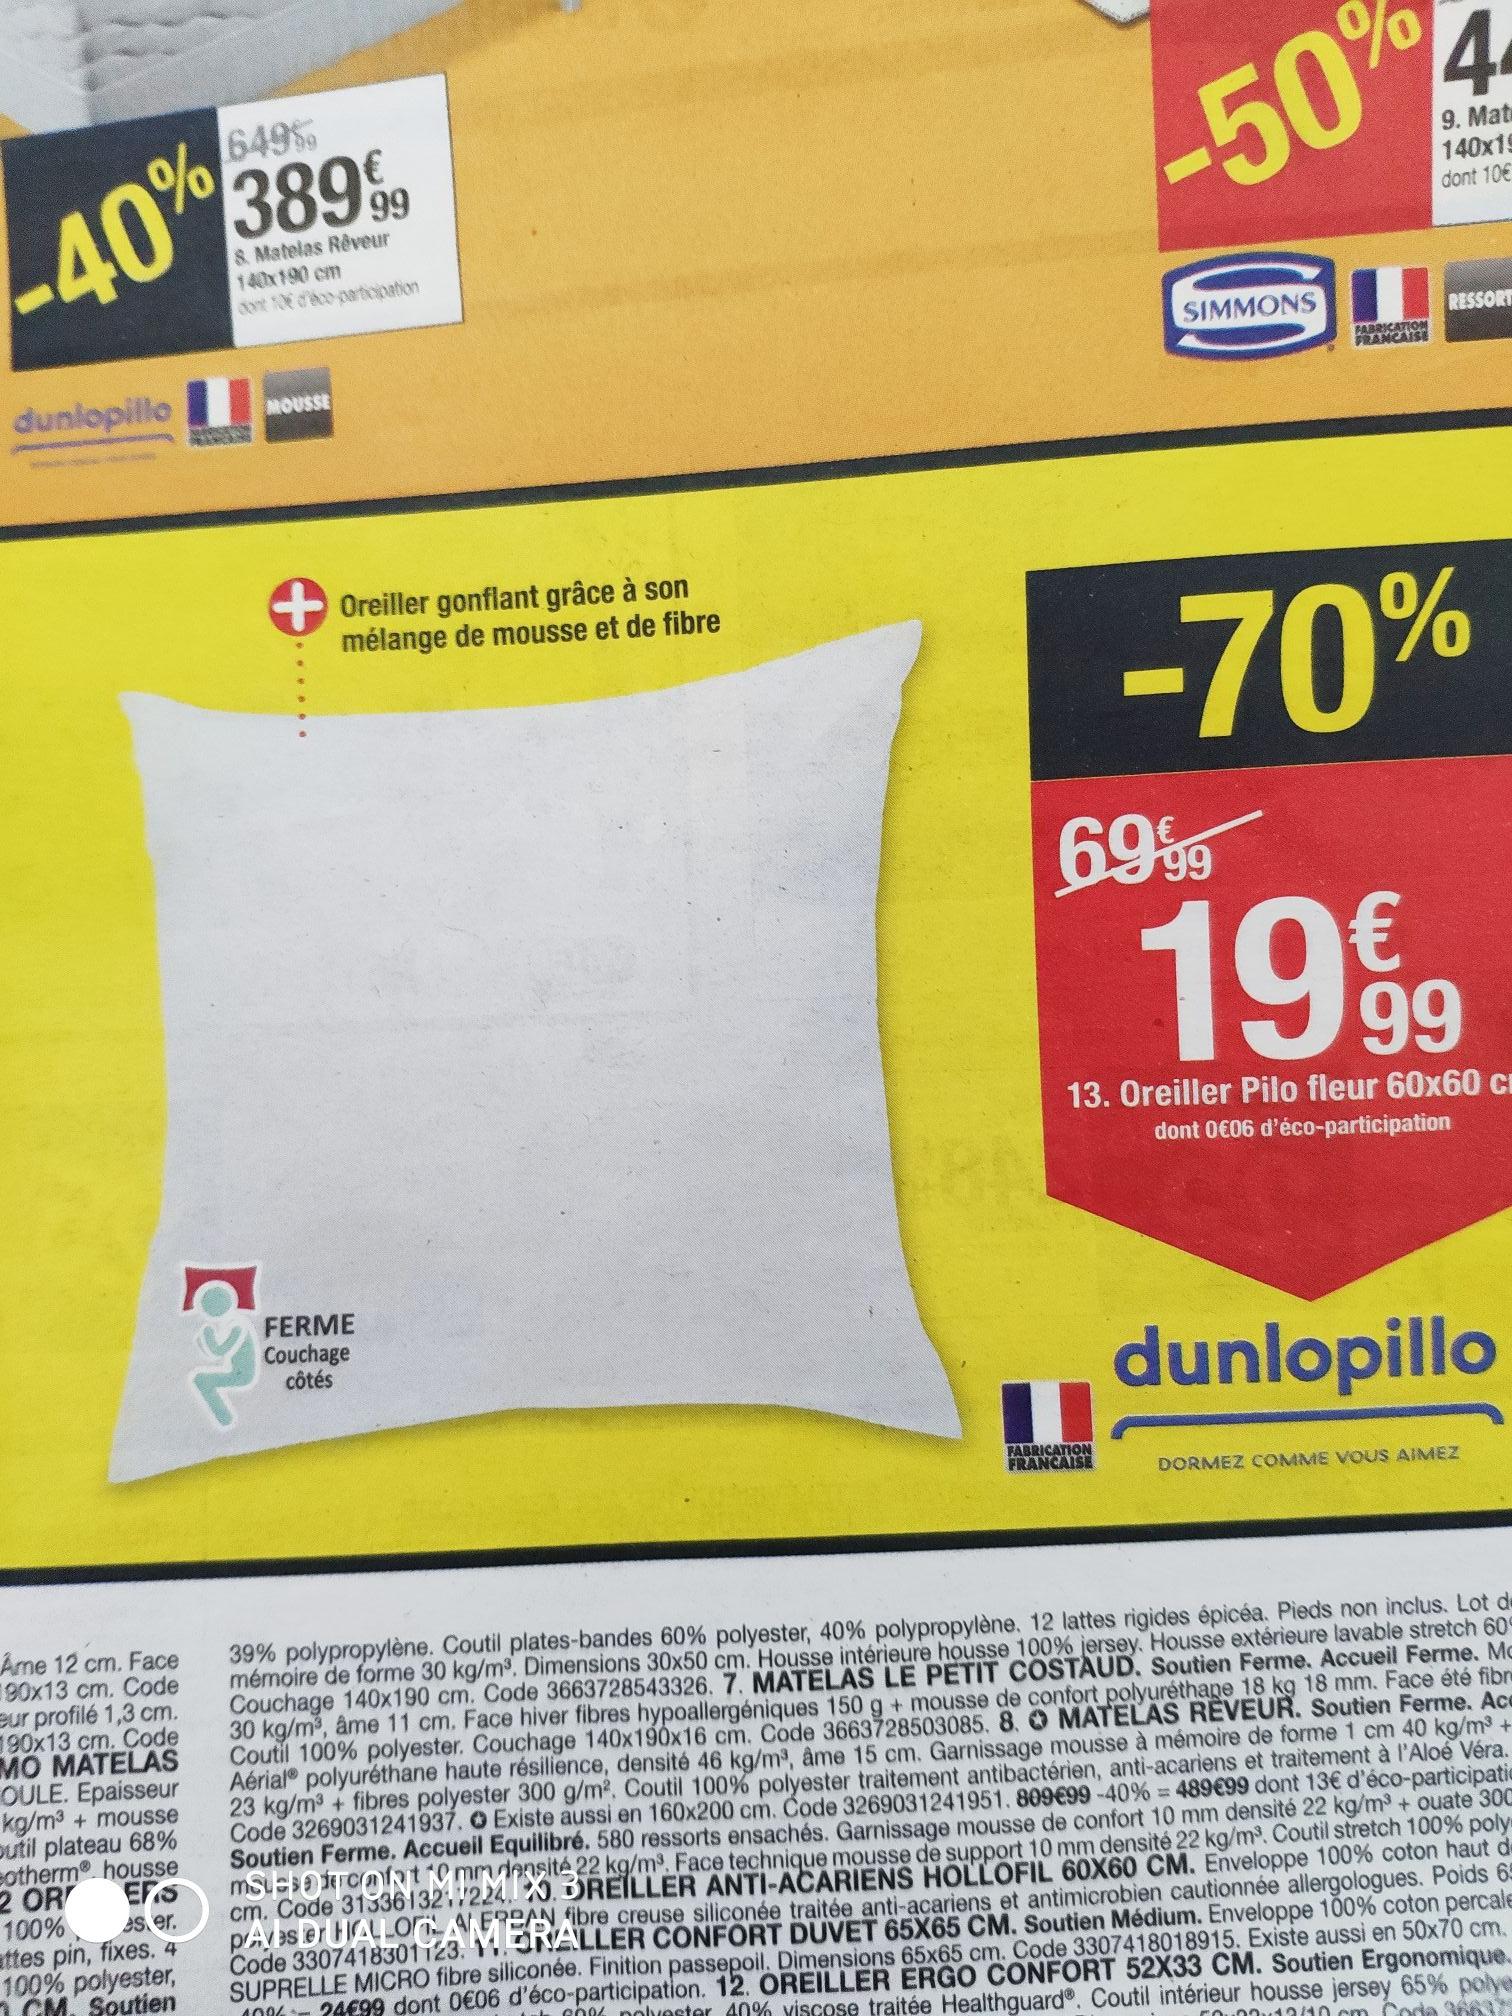 Oreiller Dunlopillo Pilo Fleur - 60x60cm